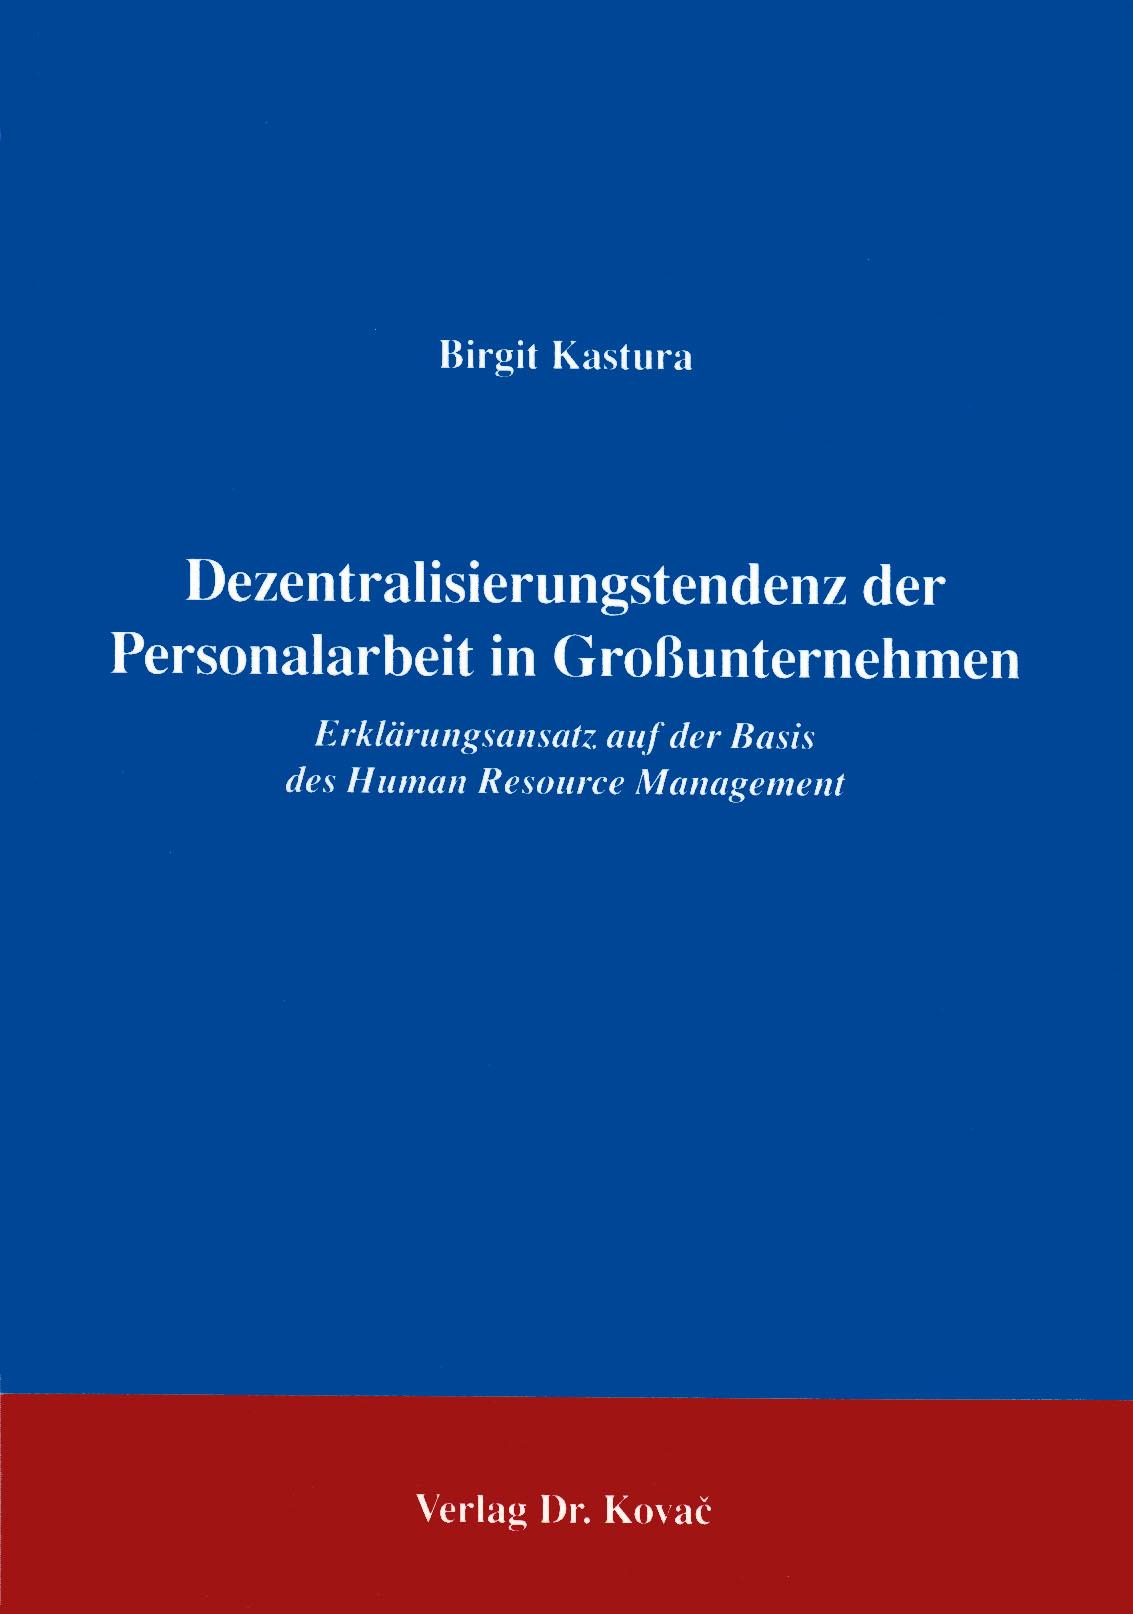 Cover: Dezentralisierungstendenz der Personalarbeit in Großunternehmen